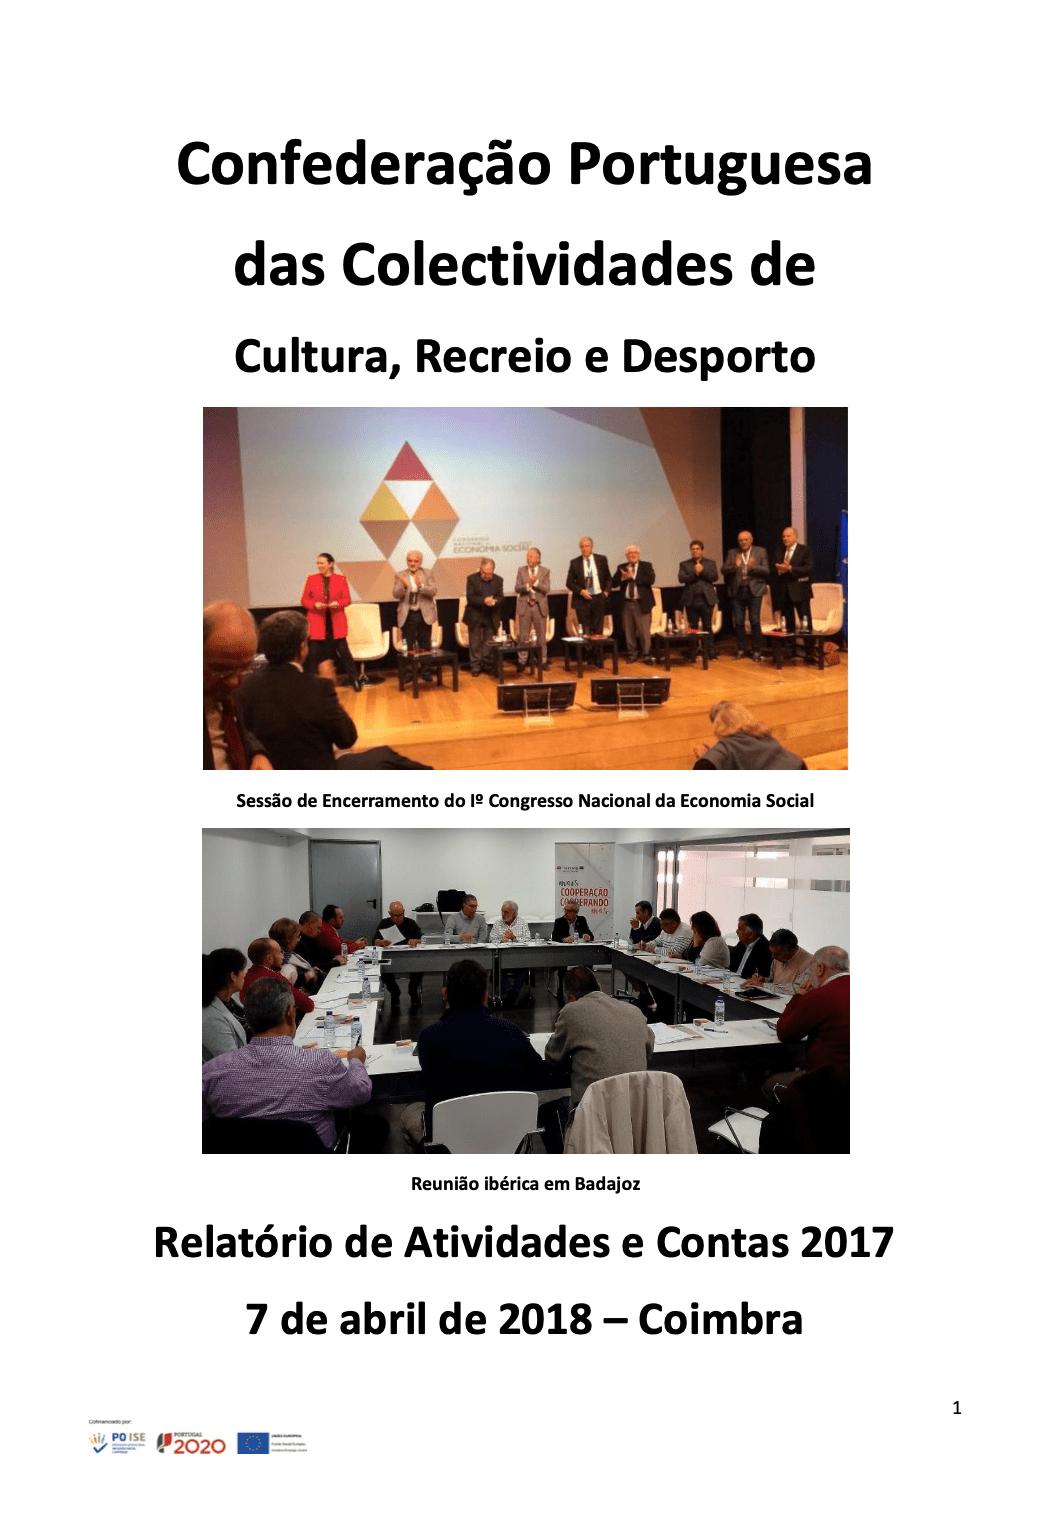 relatorio e contas 2017